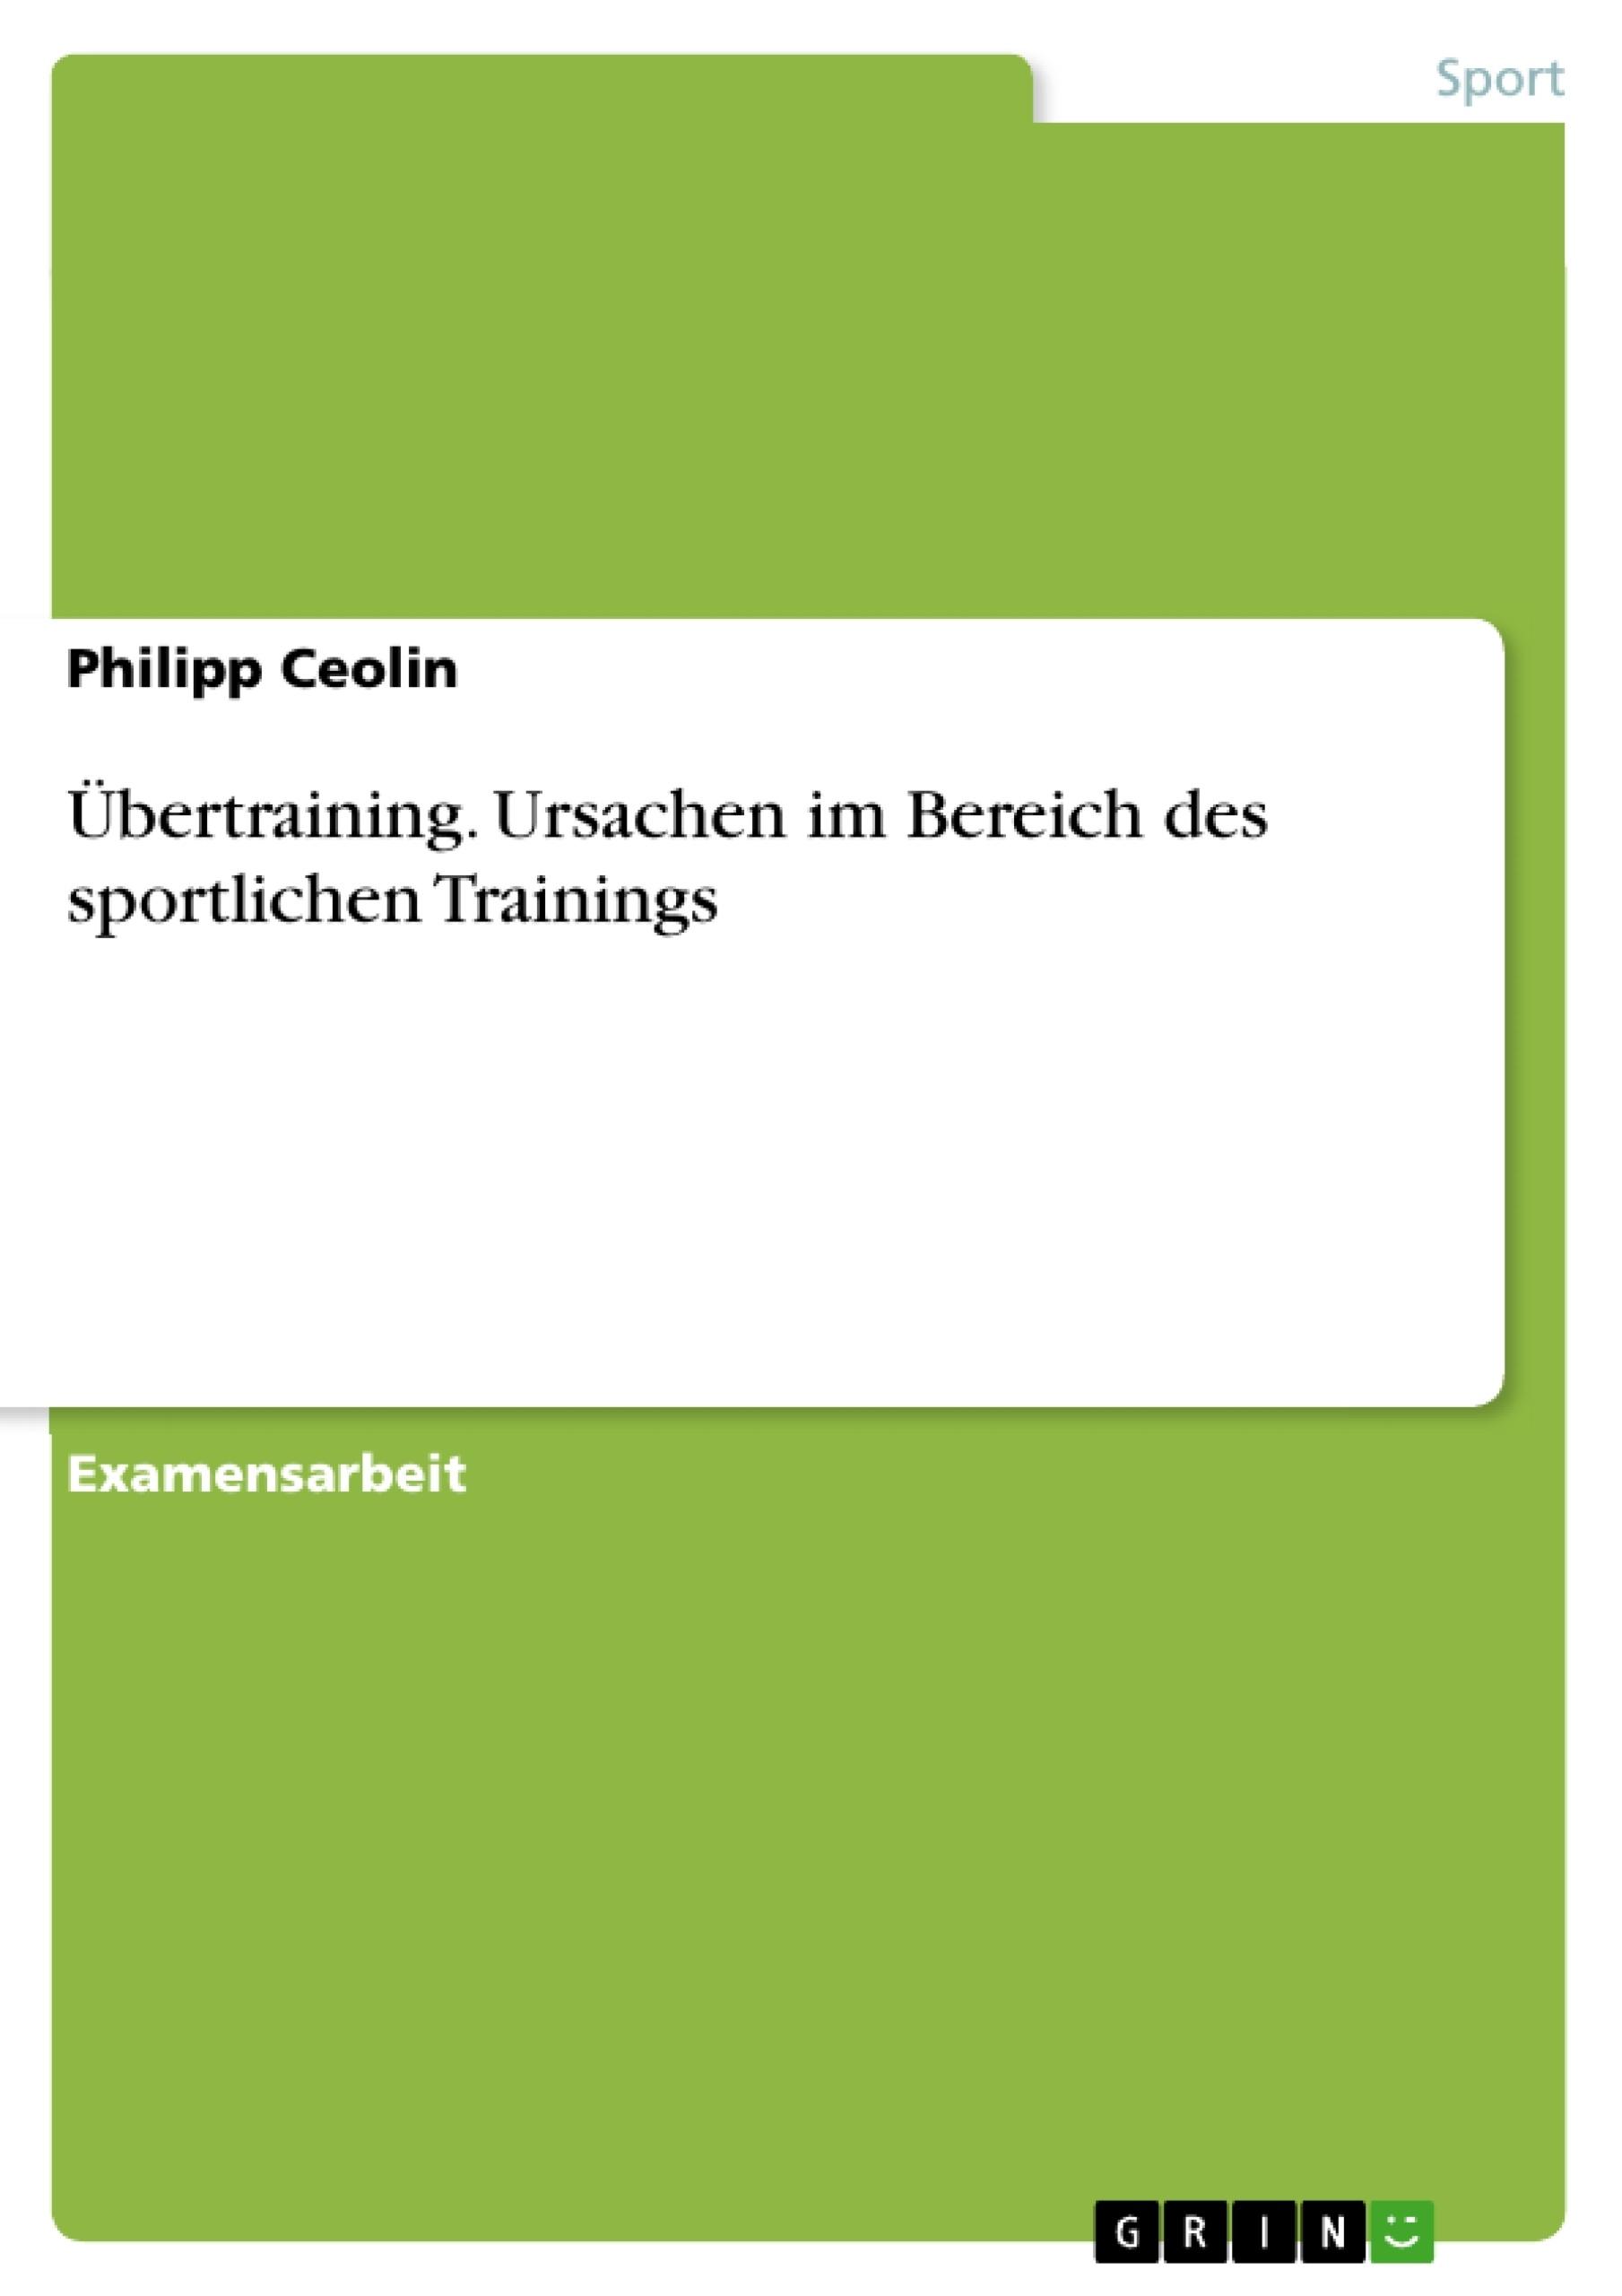 Titel: Übertraining. Ursachen im Bereich des sportlichen Trainings